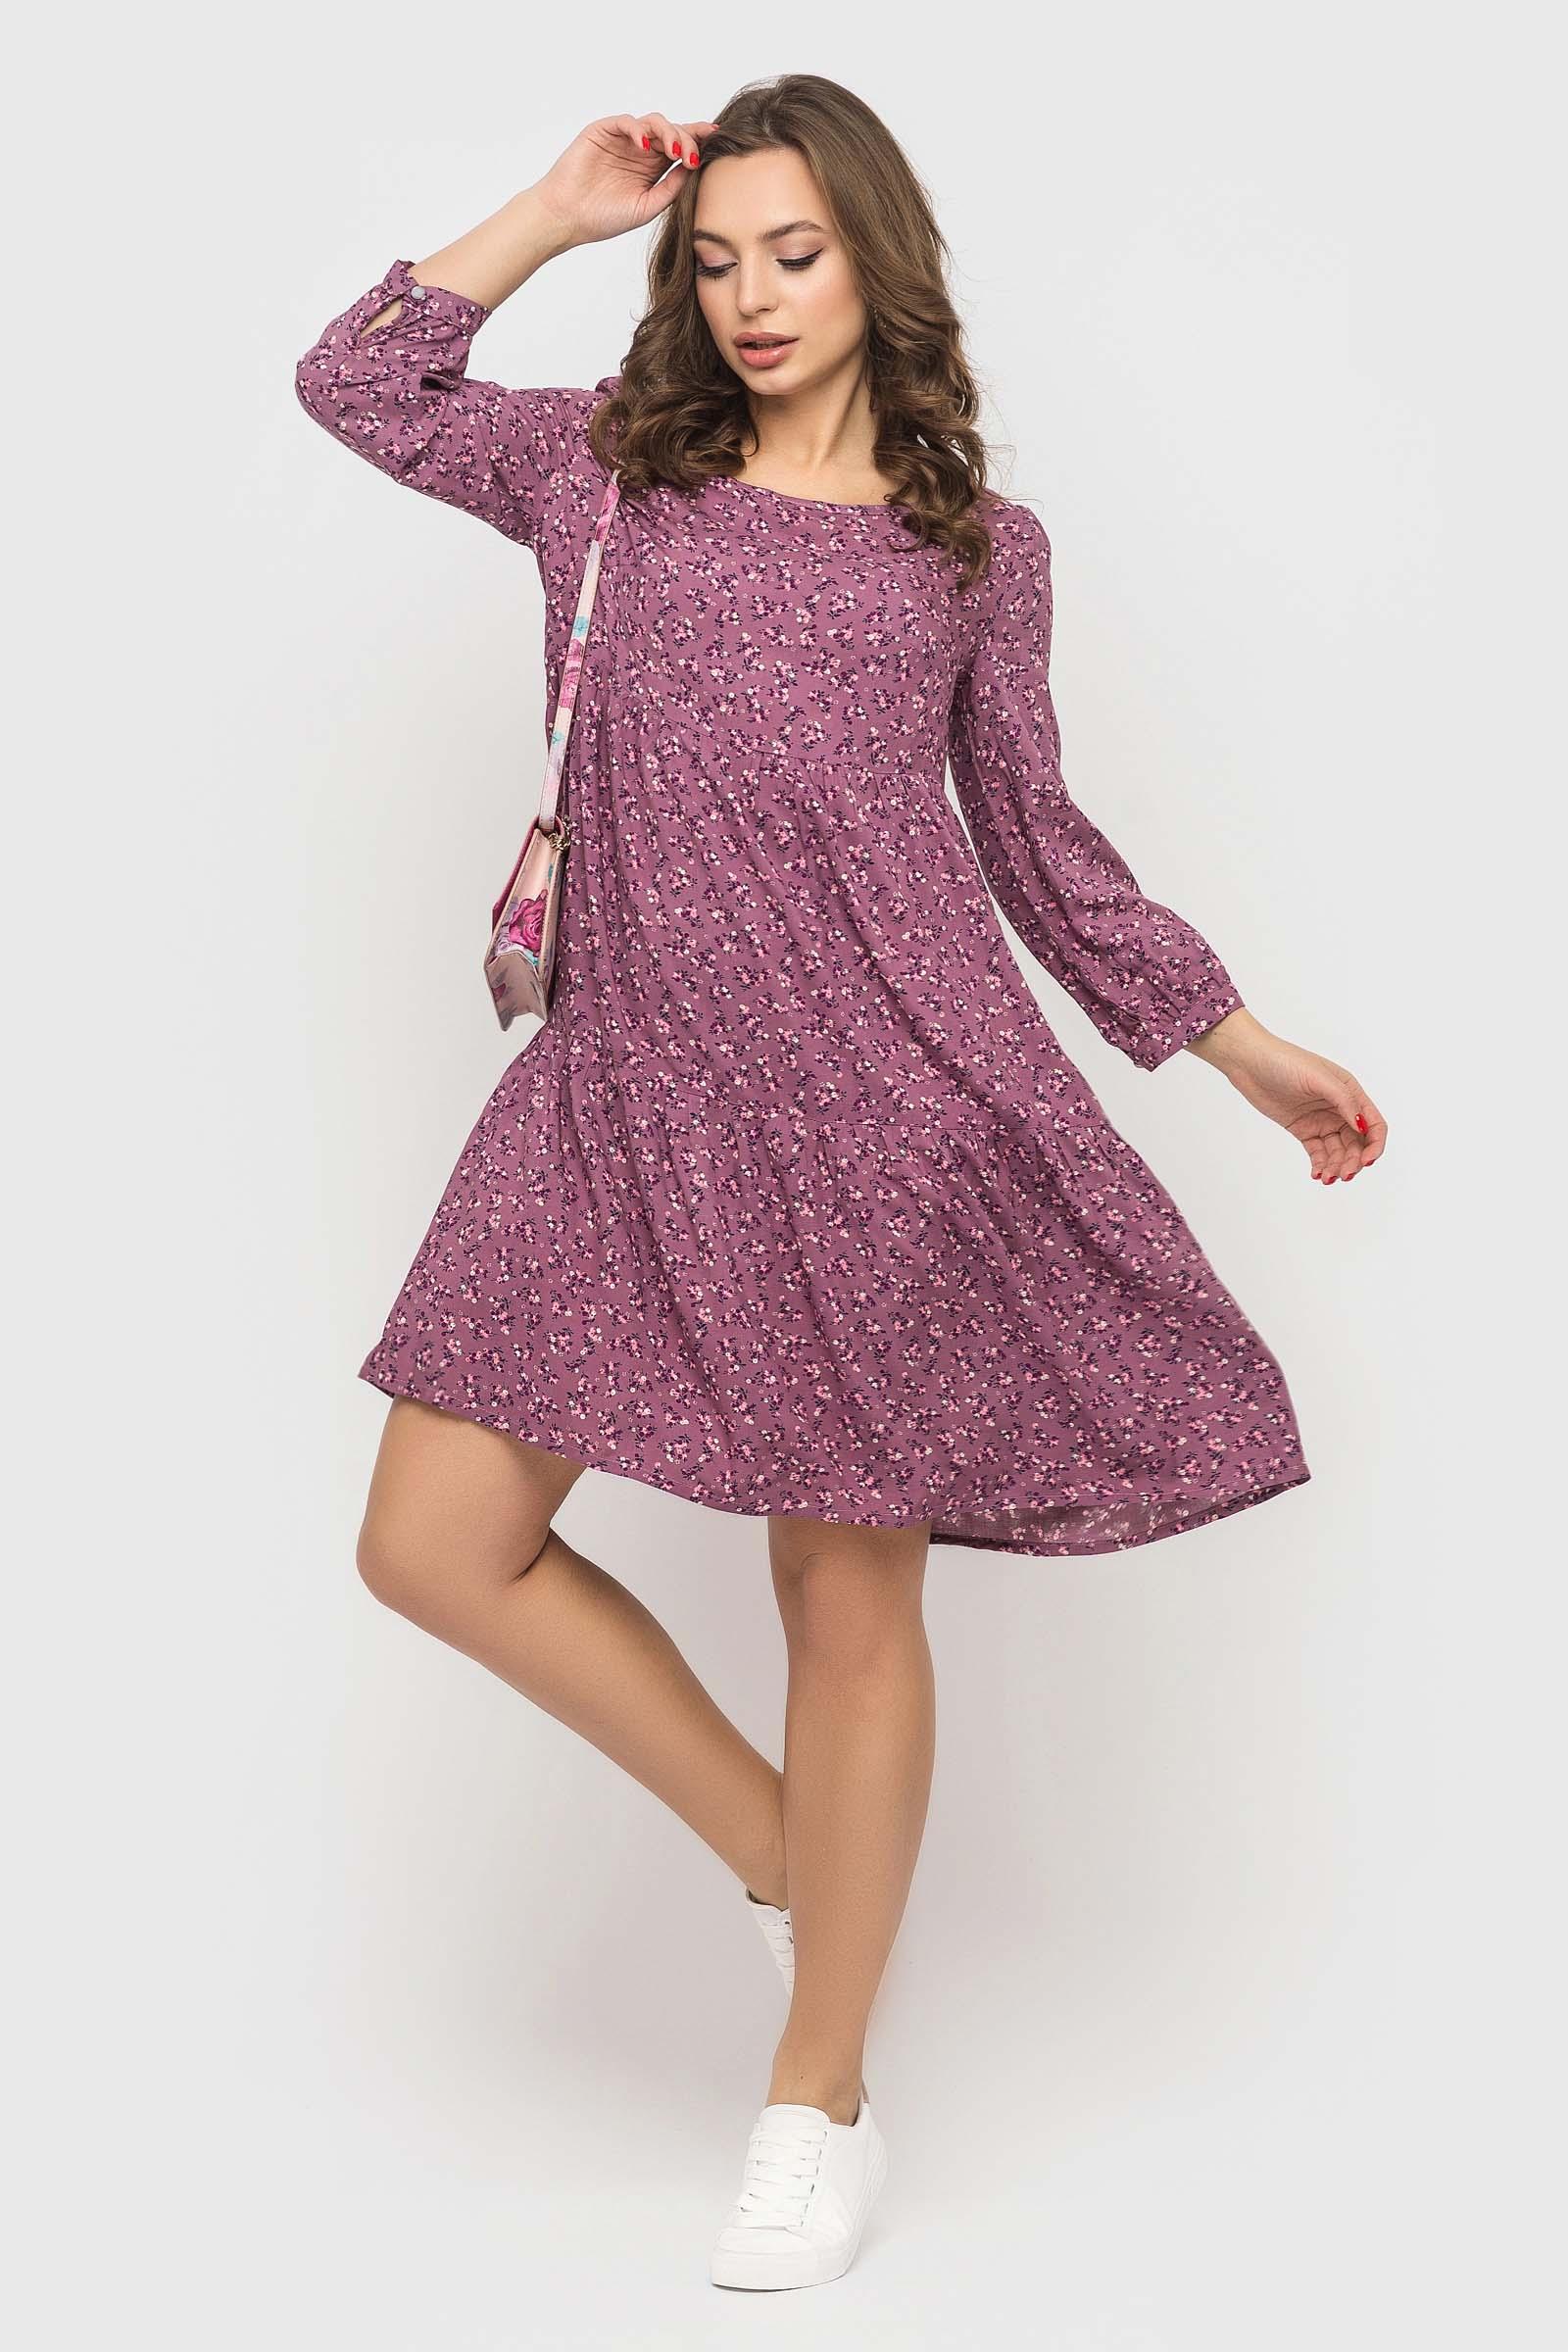 be art 2020 04 07182033 Купить платье